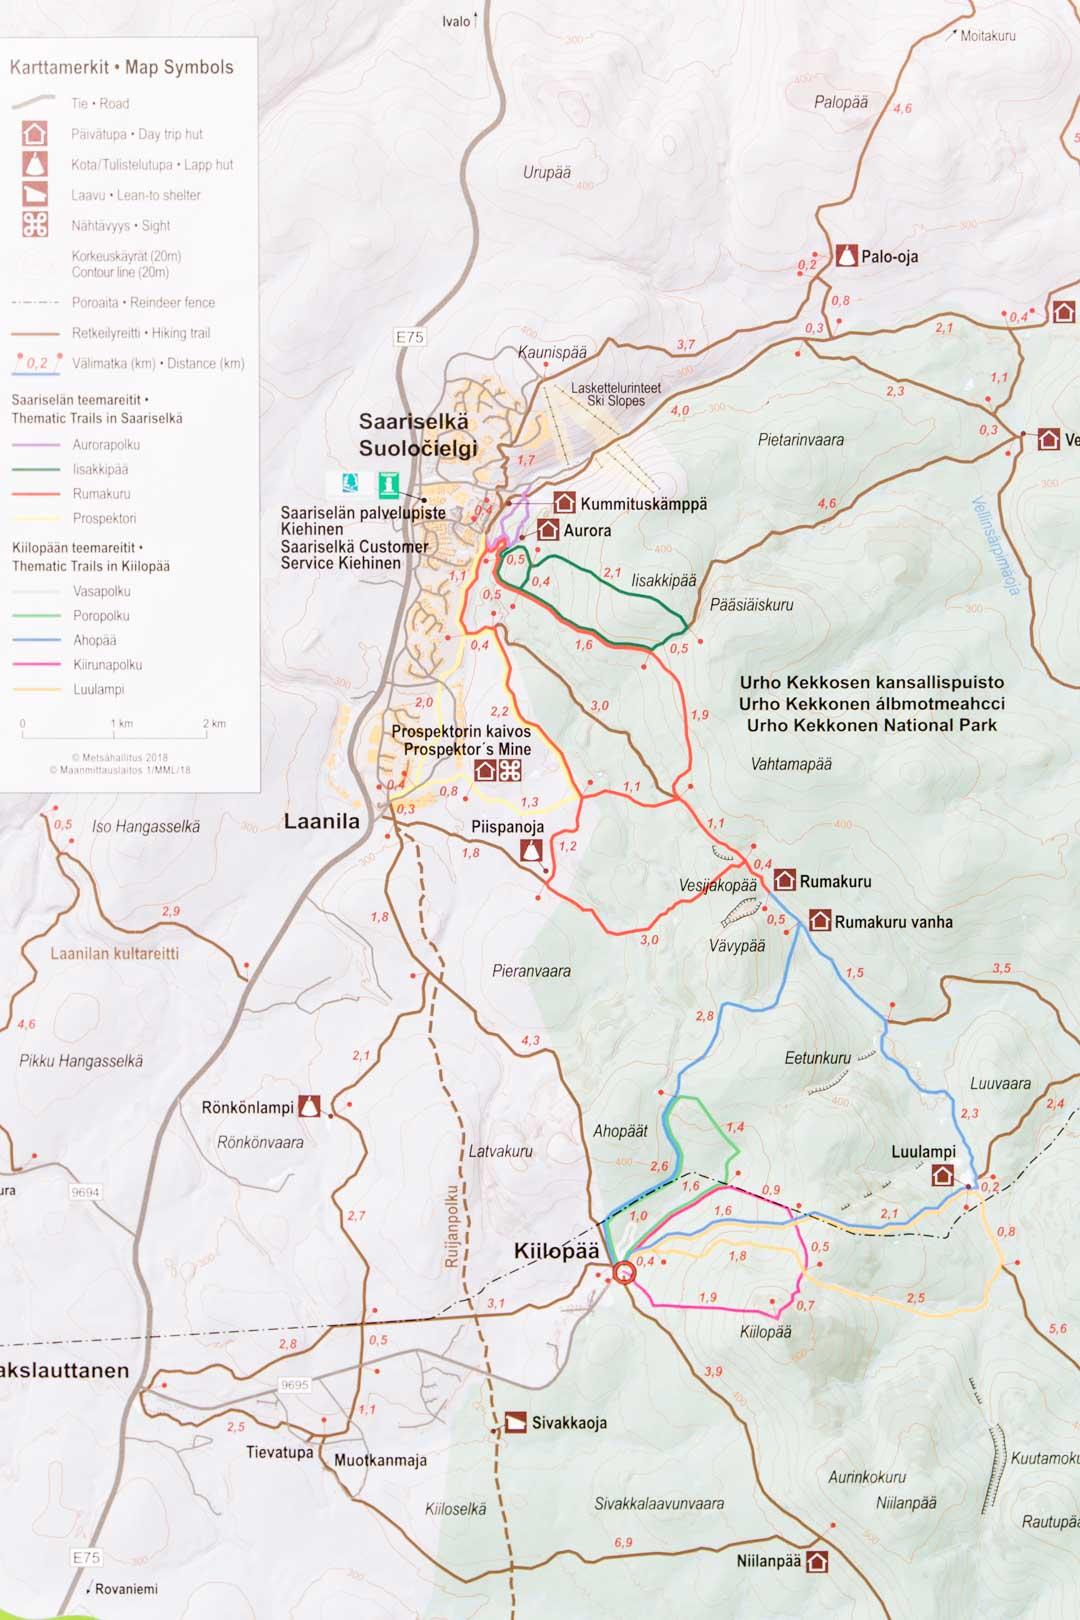 Urho Kekkosen kansallispuiston kartta